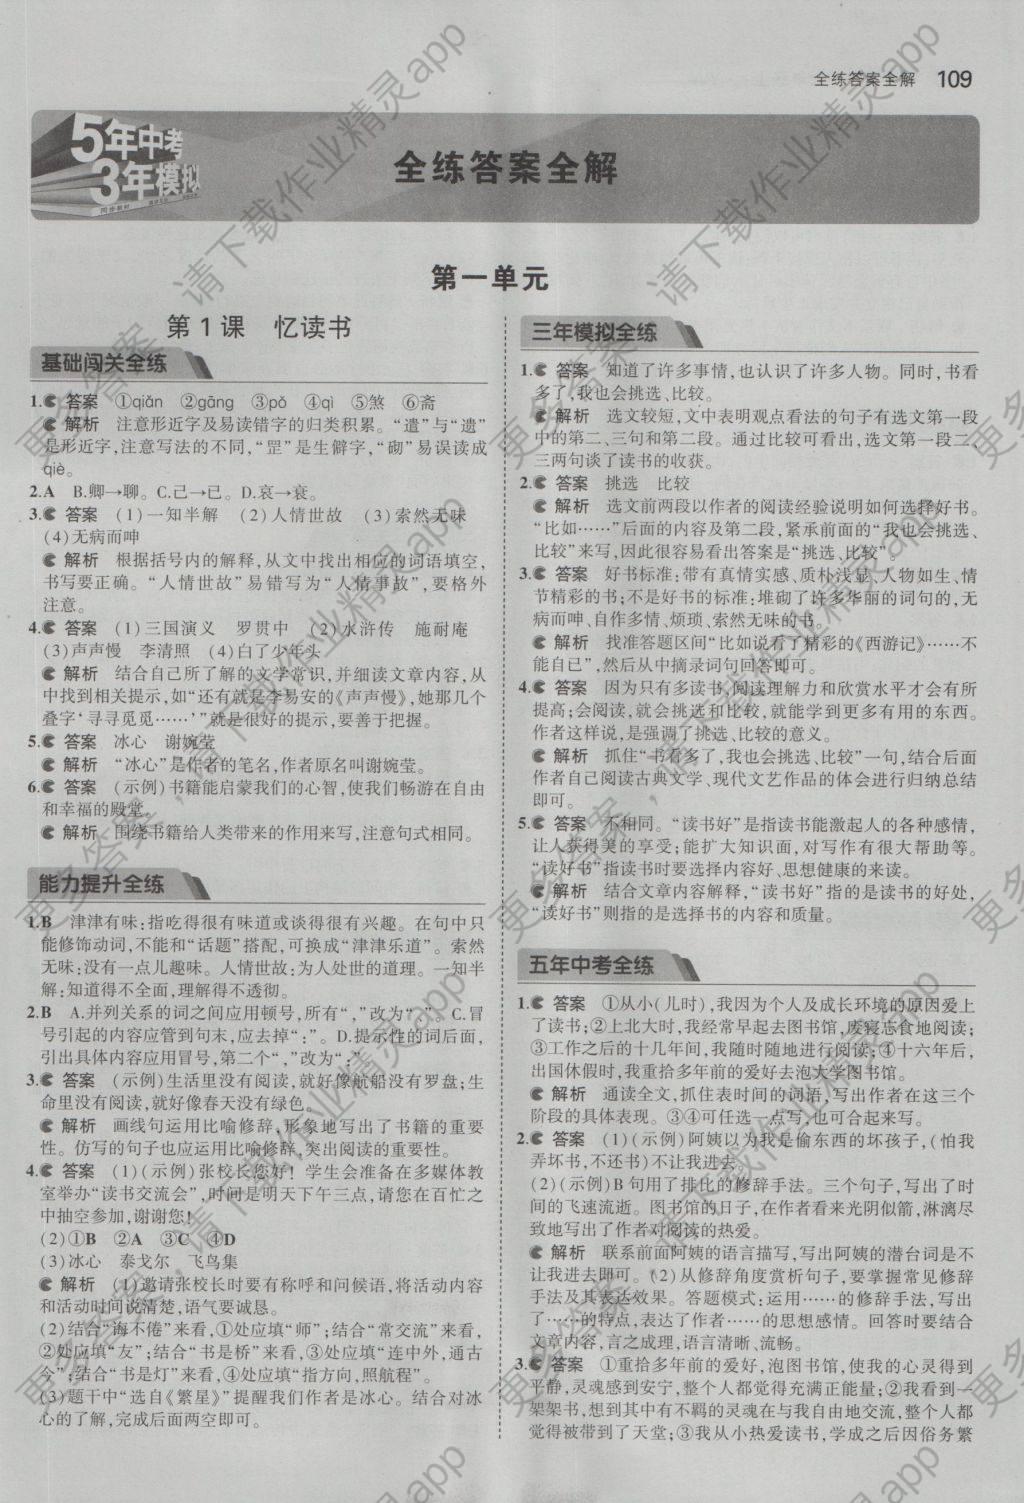 2016年5年中考3年模拟初中语文七年级上册语文版 参考答案第1页